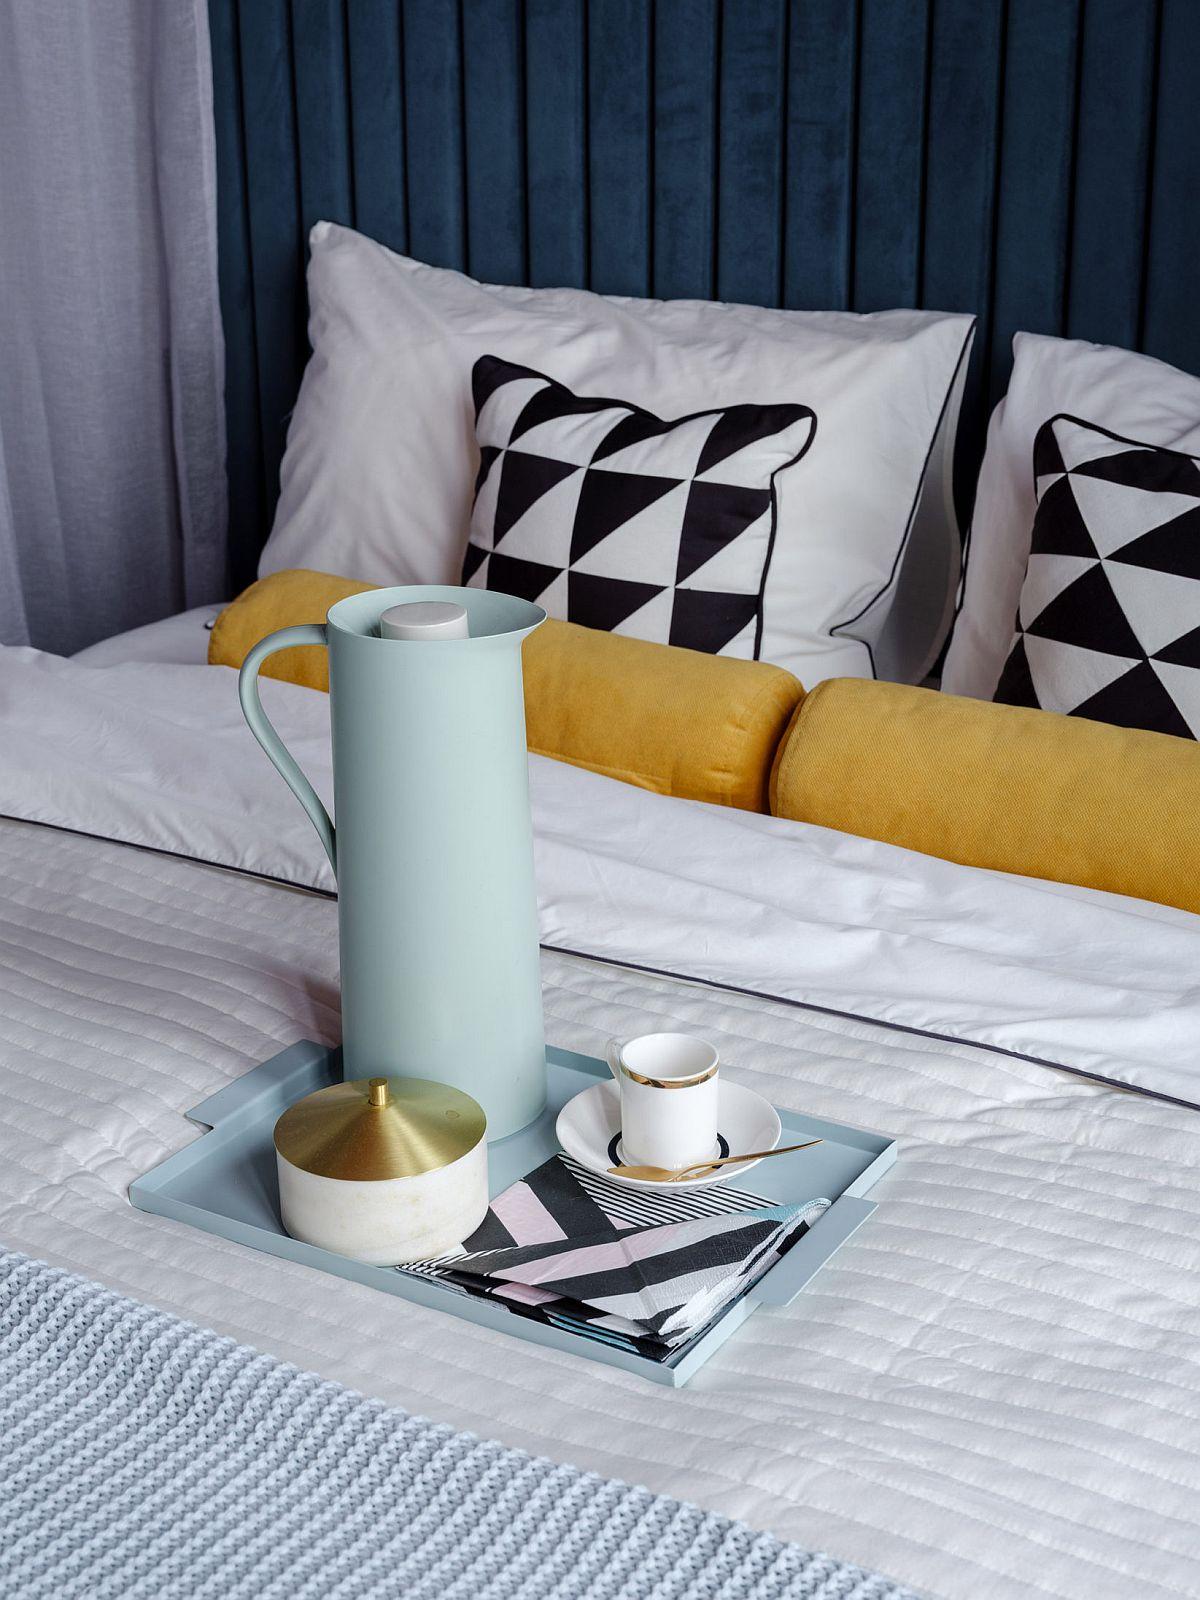 Modul de aranjare al patului contează enorm mai ales când acesta este la vedere toată ziua. Lenjeriile de pat albe sunt cele mai elegante și imaginea lor este cea de curățenie. De asemenea, ele pot fi foarte ușor accesorizate cu pleduri și perne colorate, așa că dacă nu știi ce lenjerii de pat să alegi, fie că ai dormitor separat sau nu, cu alb nu greșești niciodată.